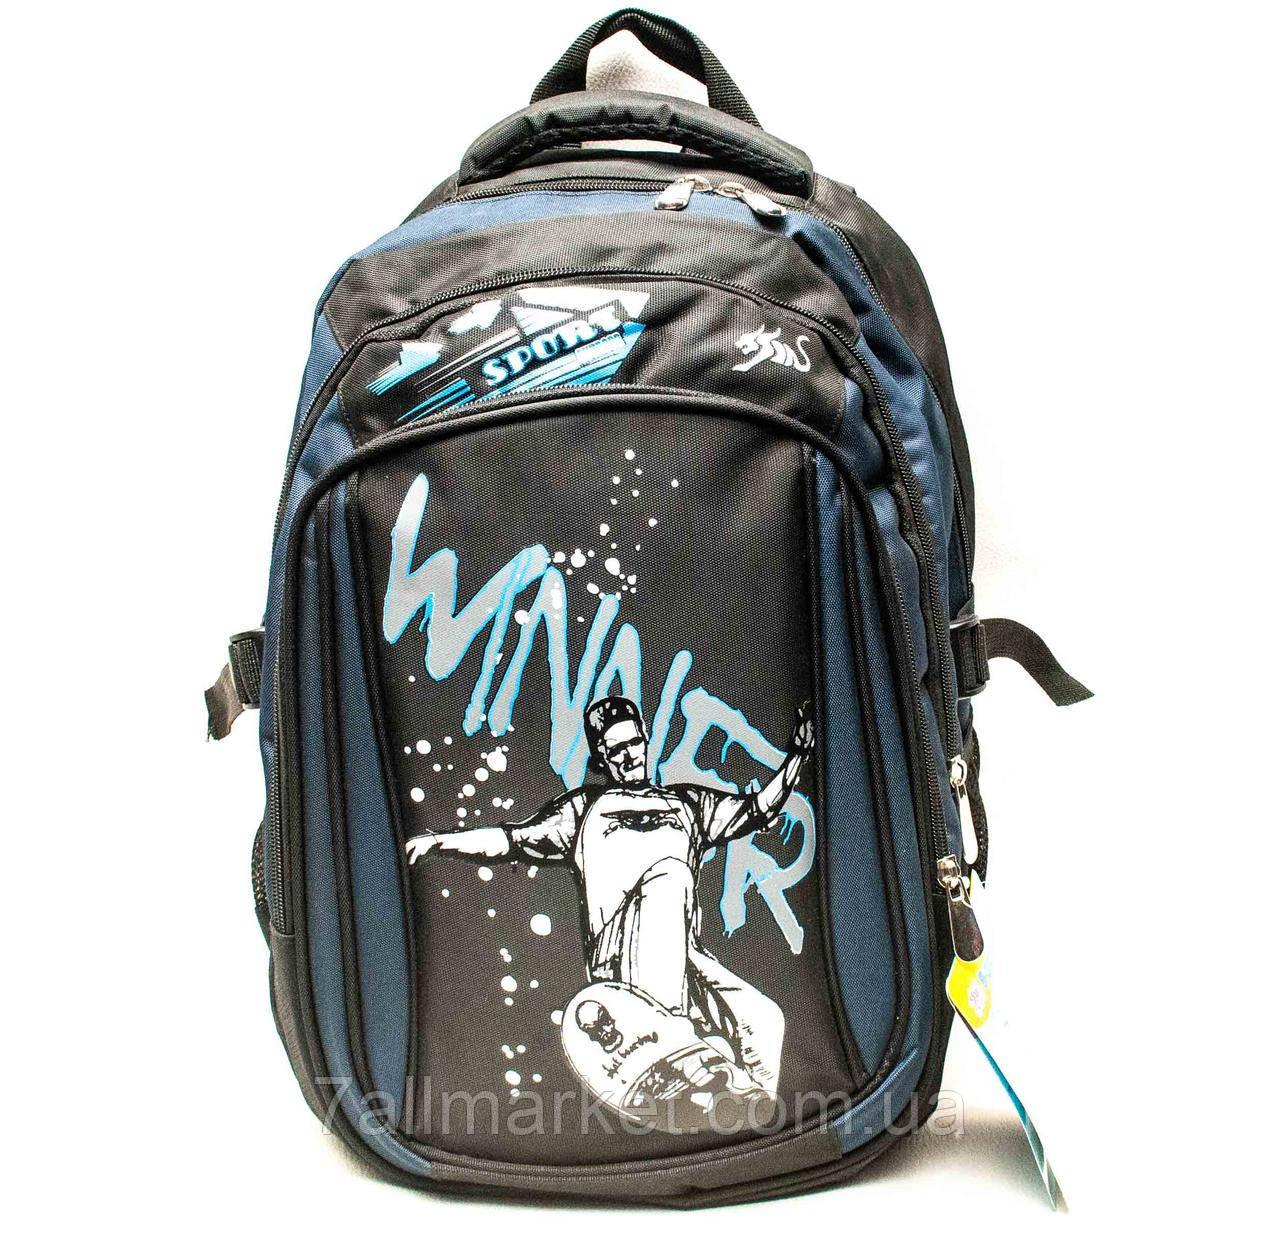 """Рюкзак школьный для мальчика (41*29 см) (4 цв) """"SOFOCHKA"""" купить недорого от прямого поставщика"""